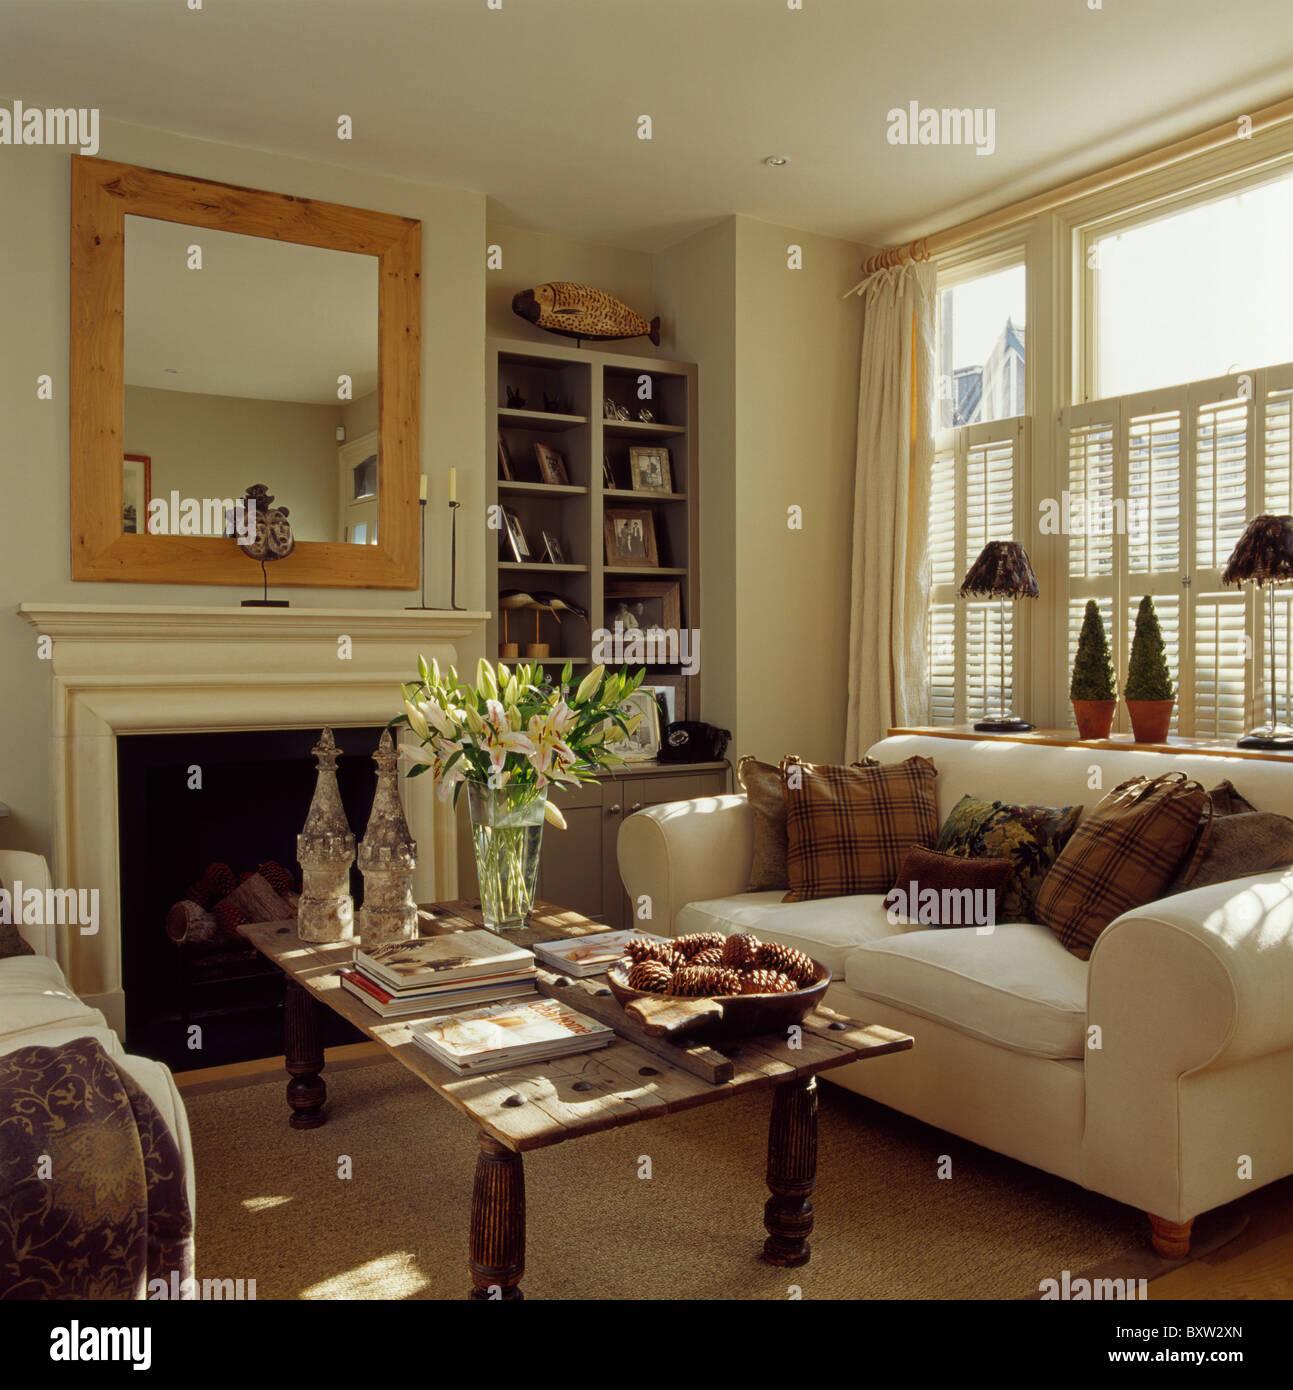 Kissen Braun Auf Creme Sofa Unter Fenster Mit Creme Plantage Fensterläden  Bei Holzrahmen Spiegel über Dem Kamin Im Wohnzimmer